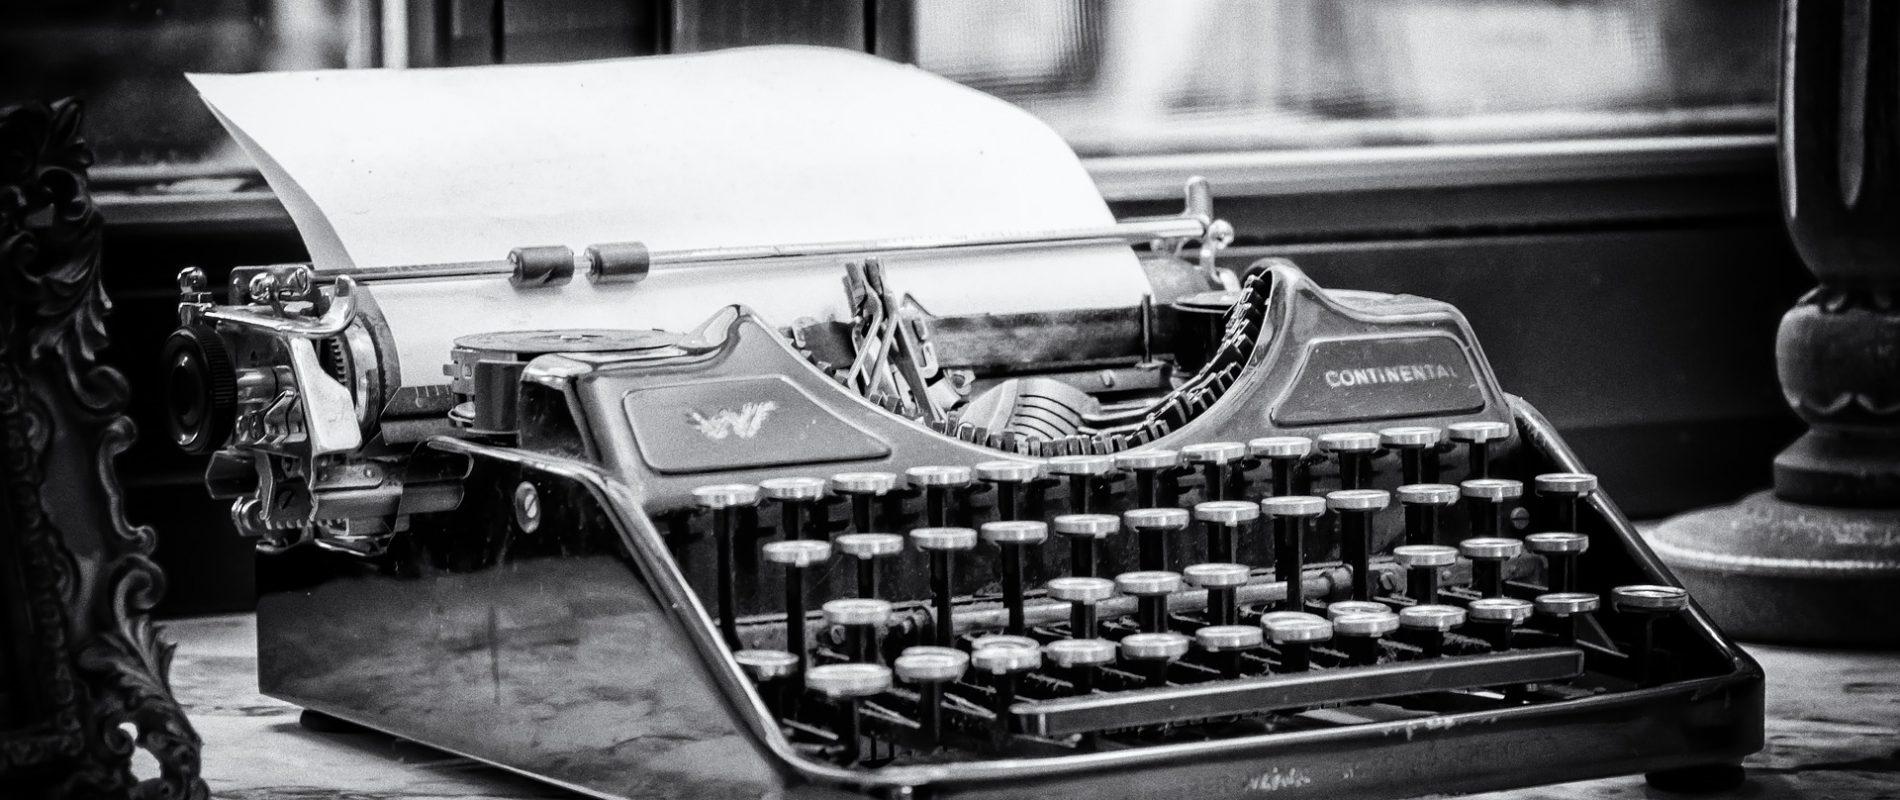 09_typewriter-3711589_1920